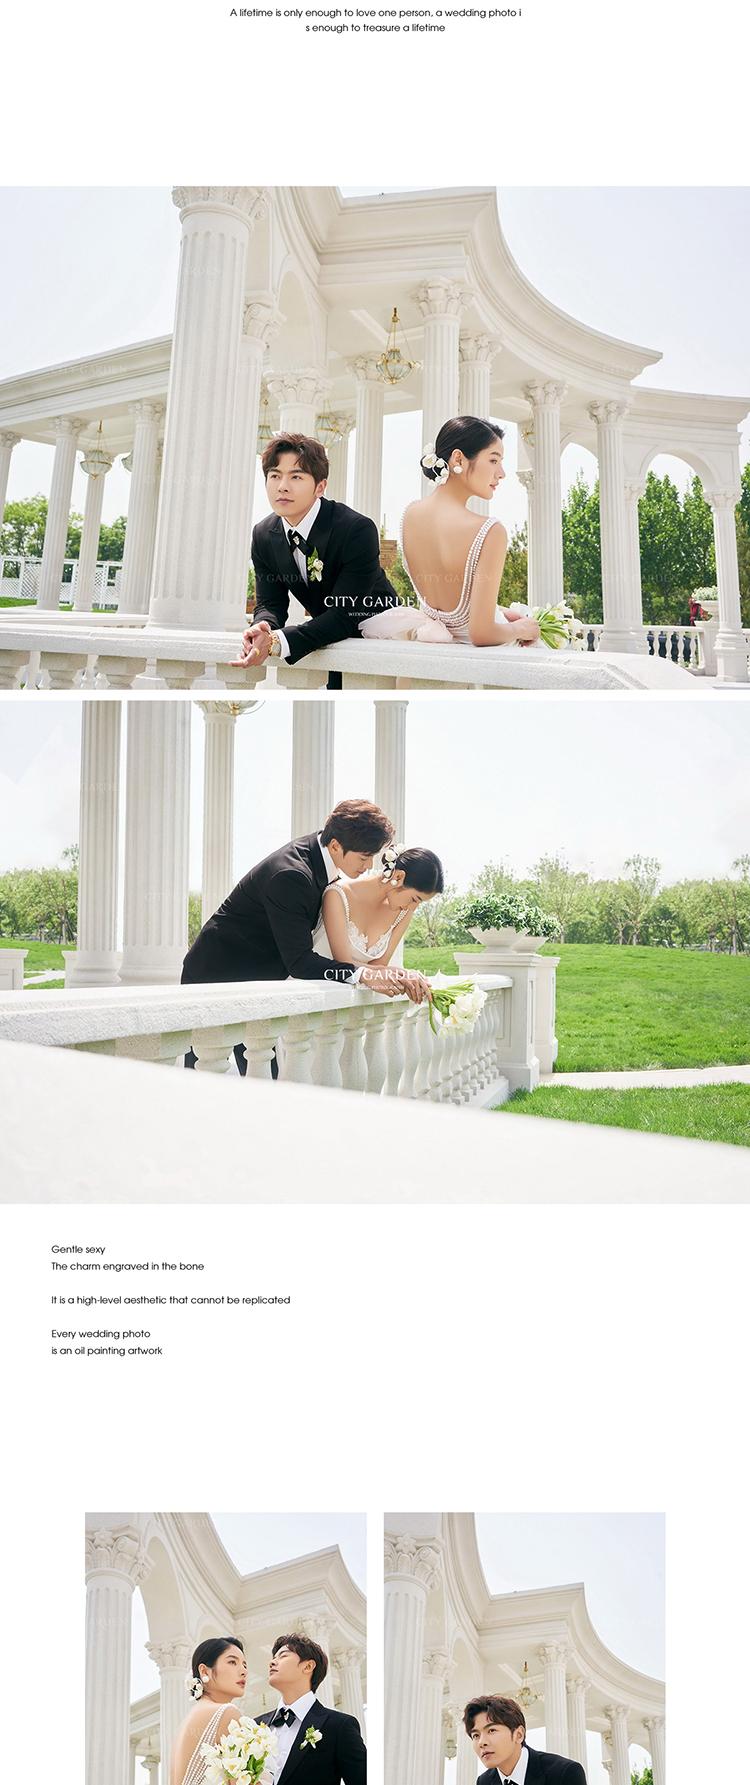 婚纱照风格9.jpg